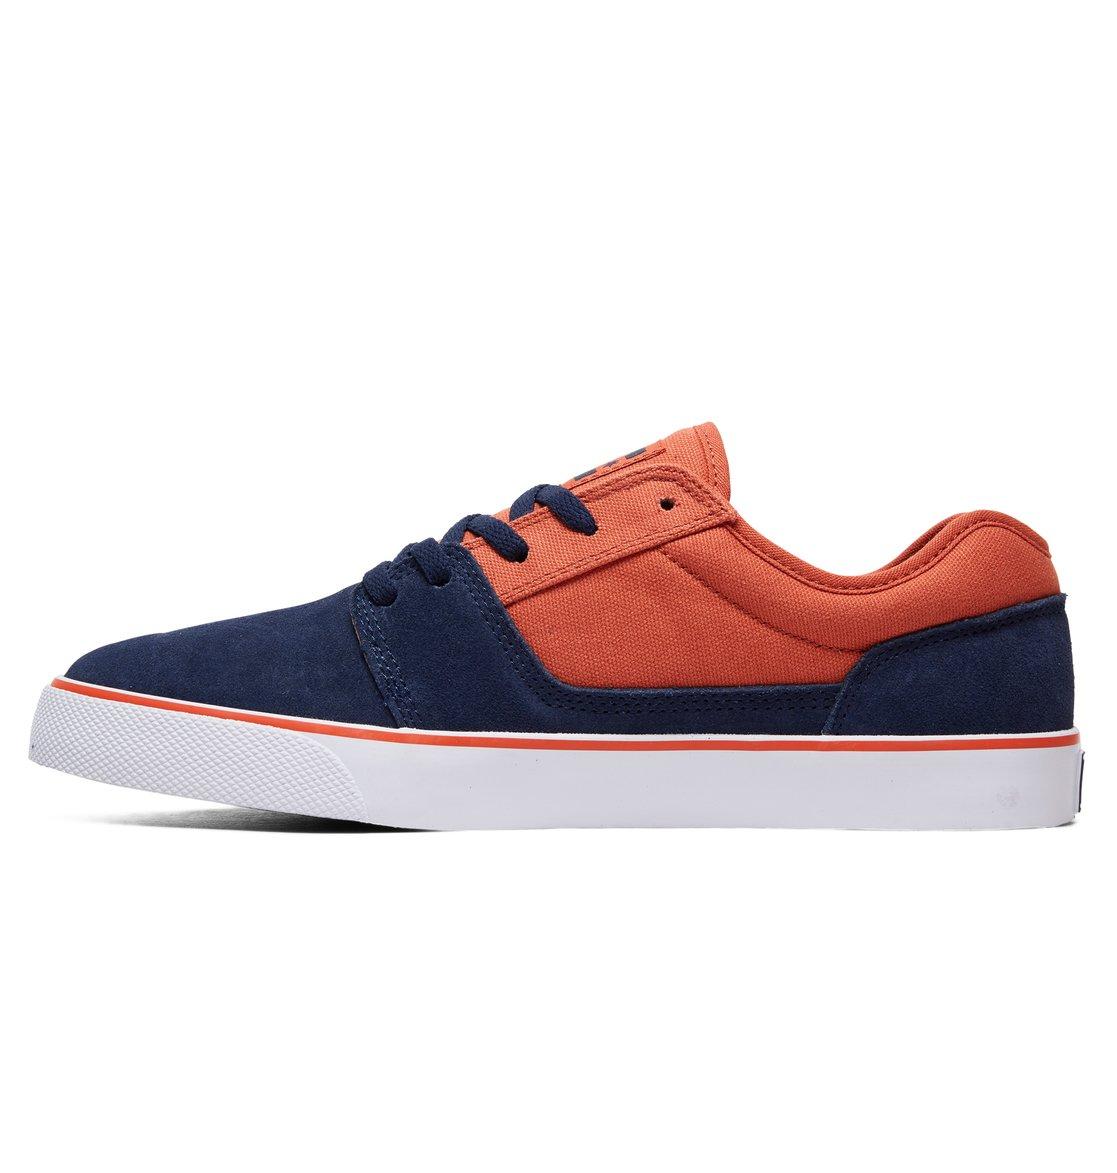 302905 Tonik Schuhe Für Zu Details Männer Dc Shoes™ BWCxoedQr